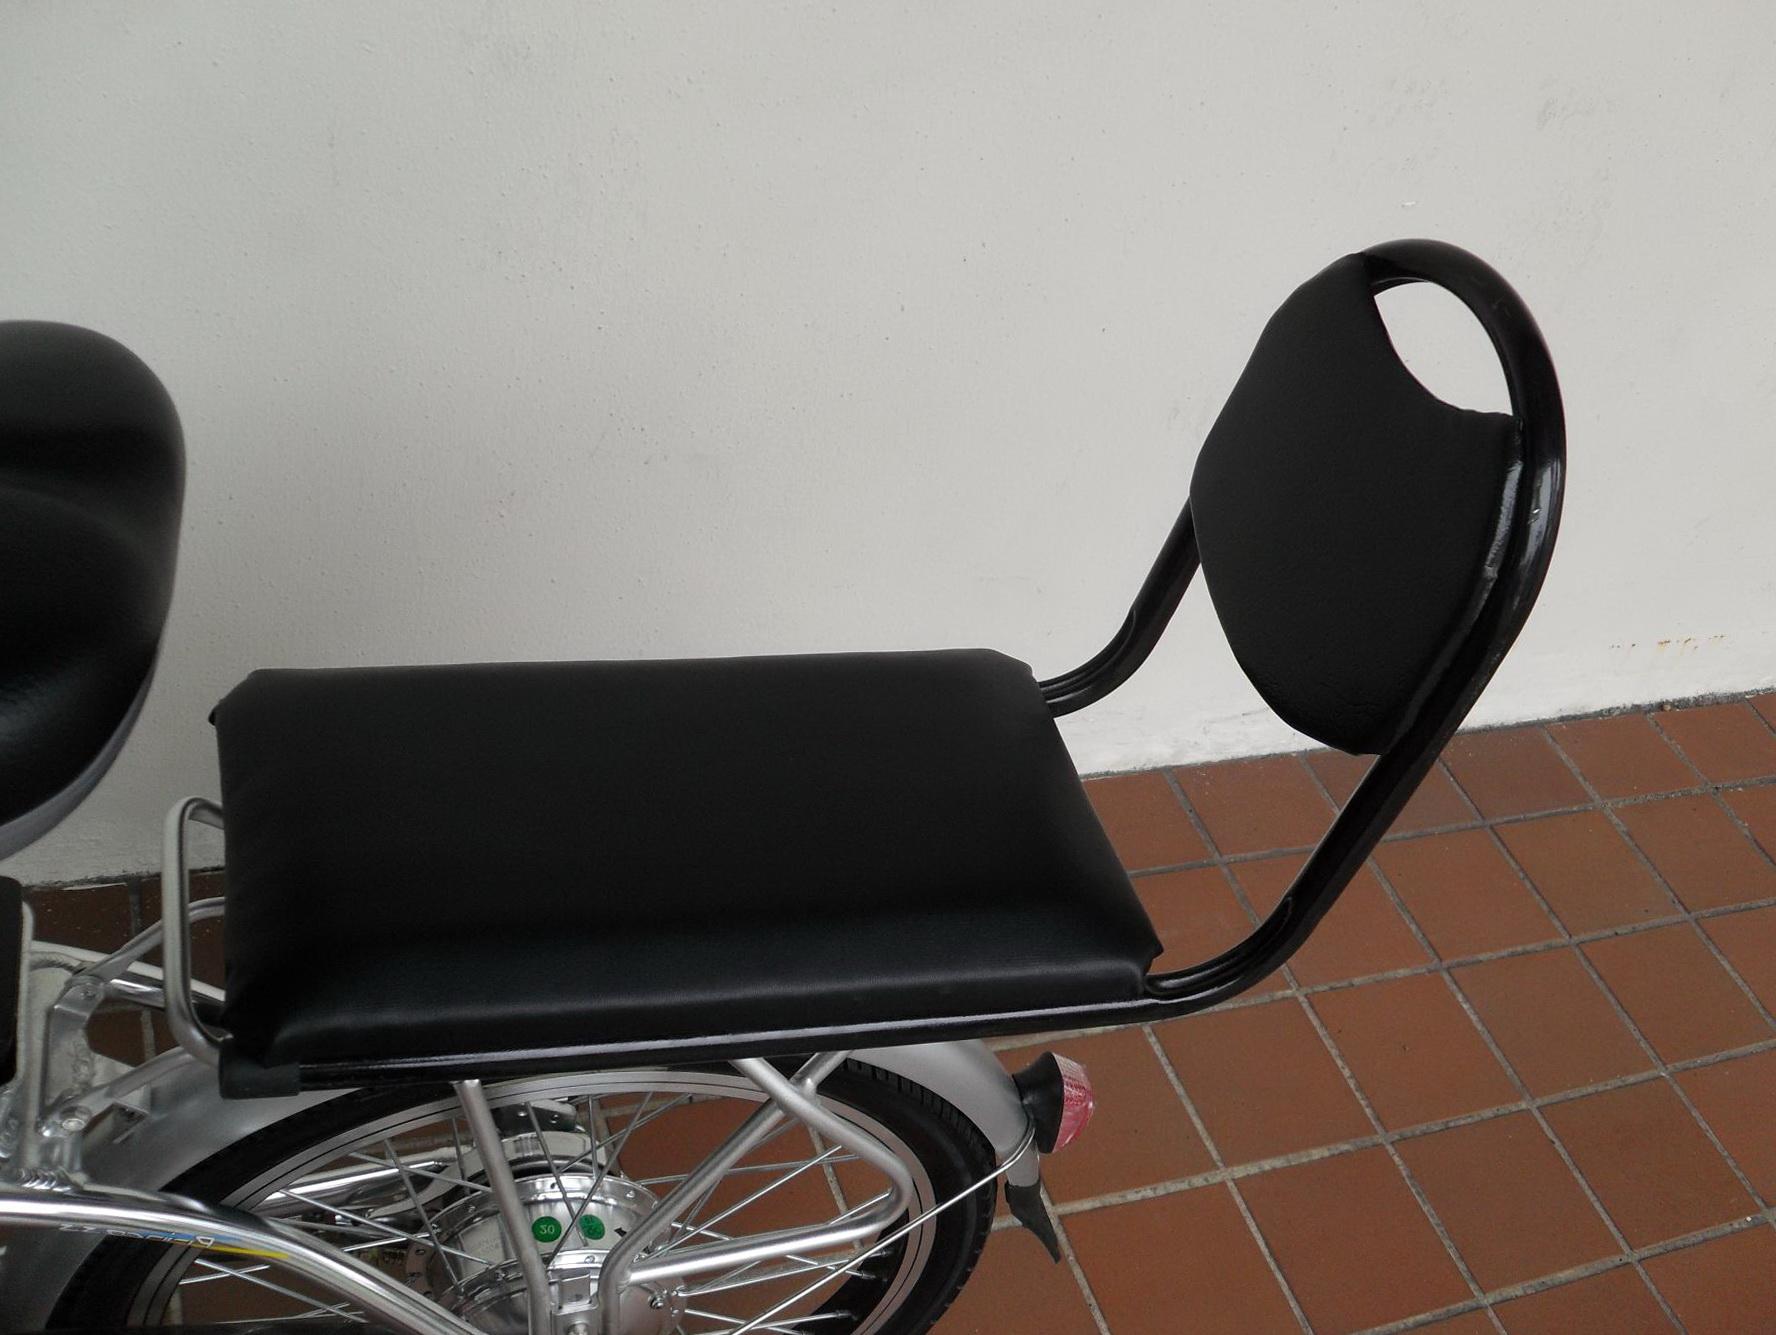 Bicycle Seat Cushion Singapore